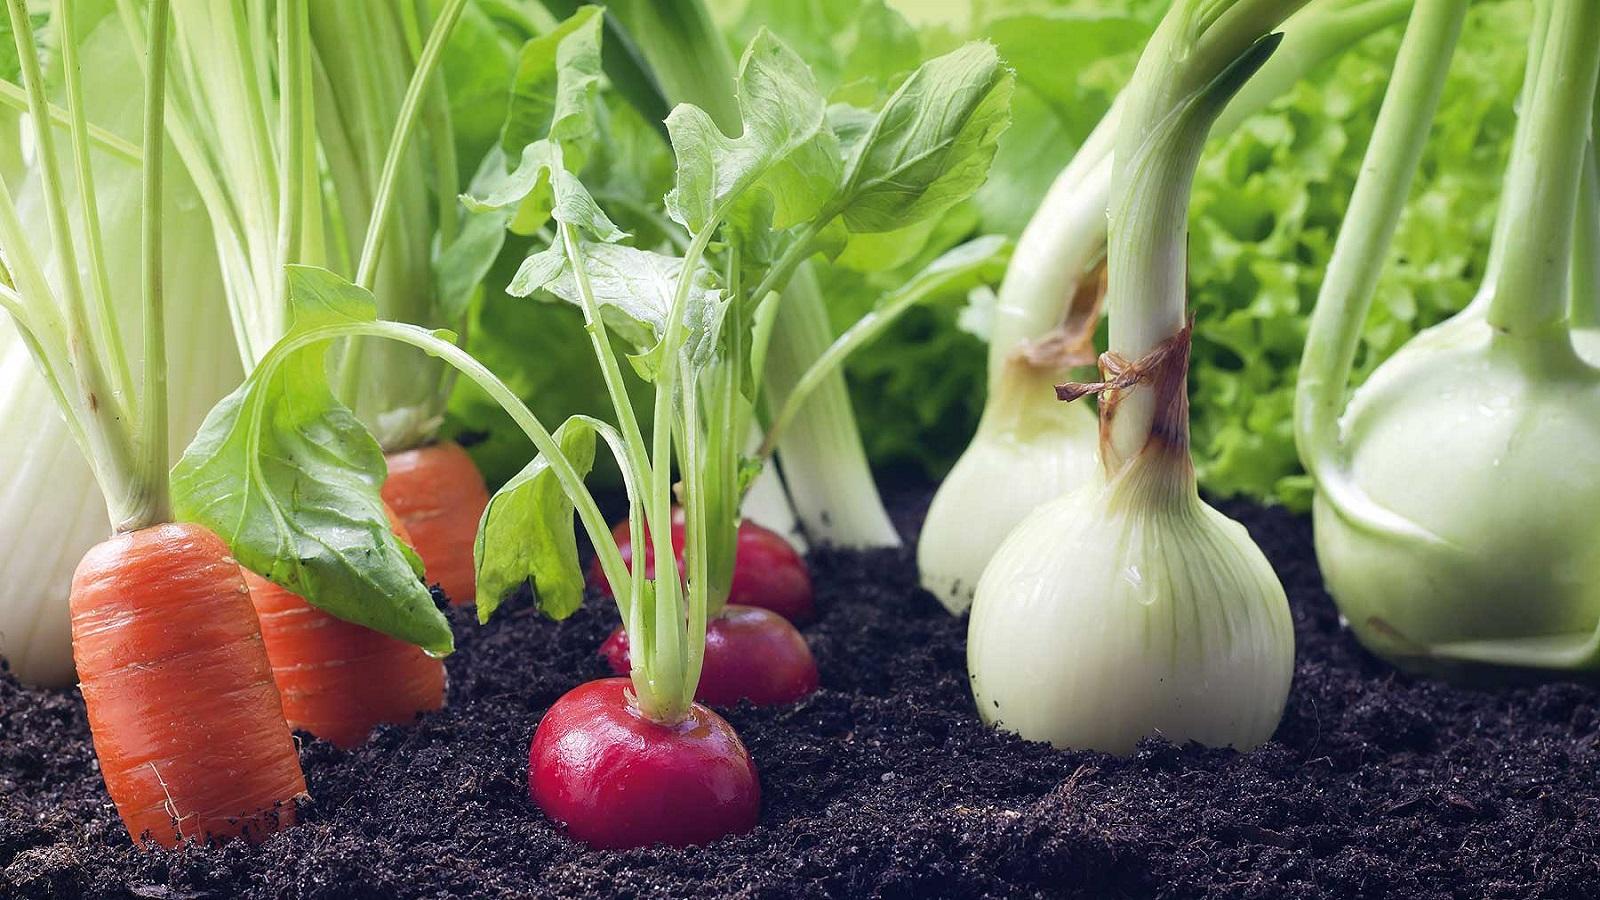 Alta tecnología apoya la agricultura ecológica